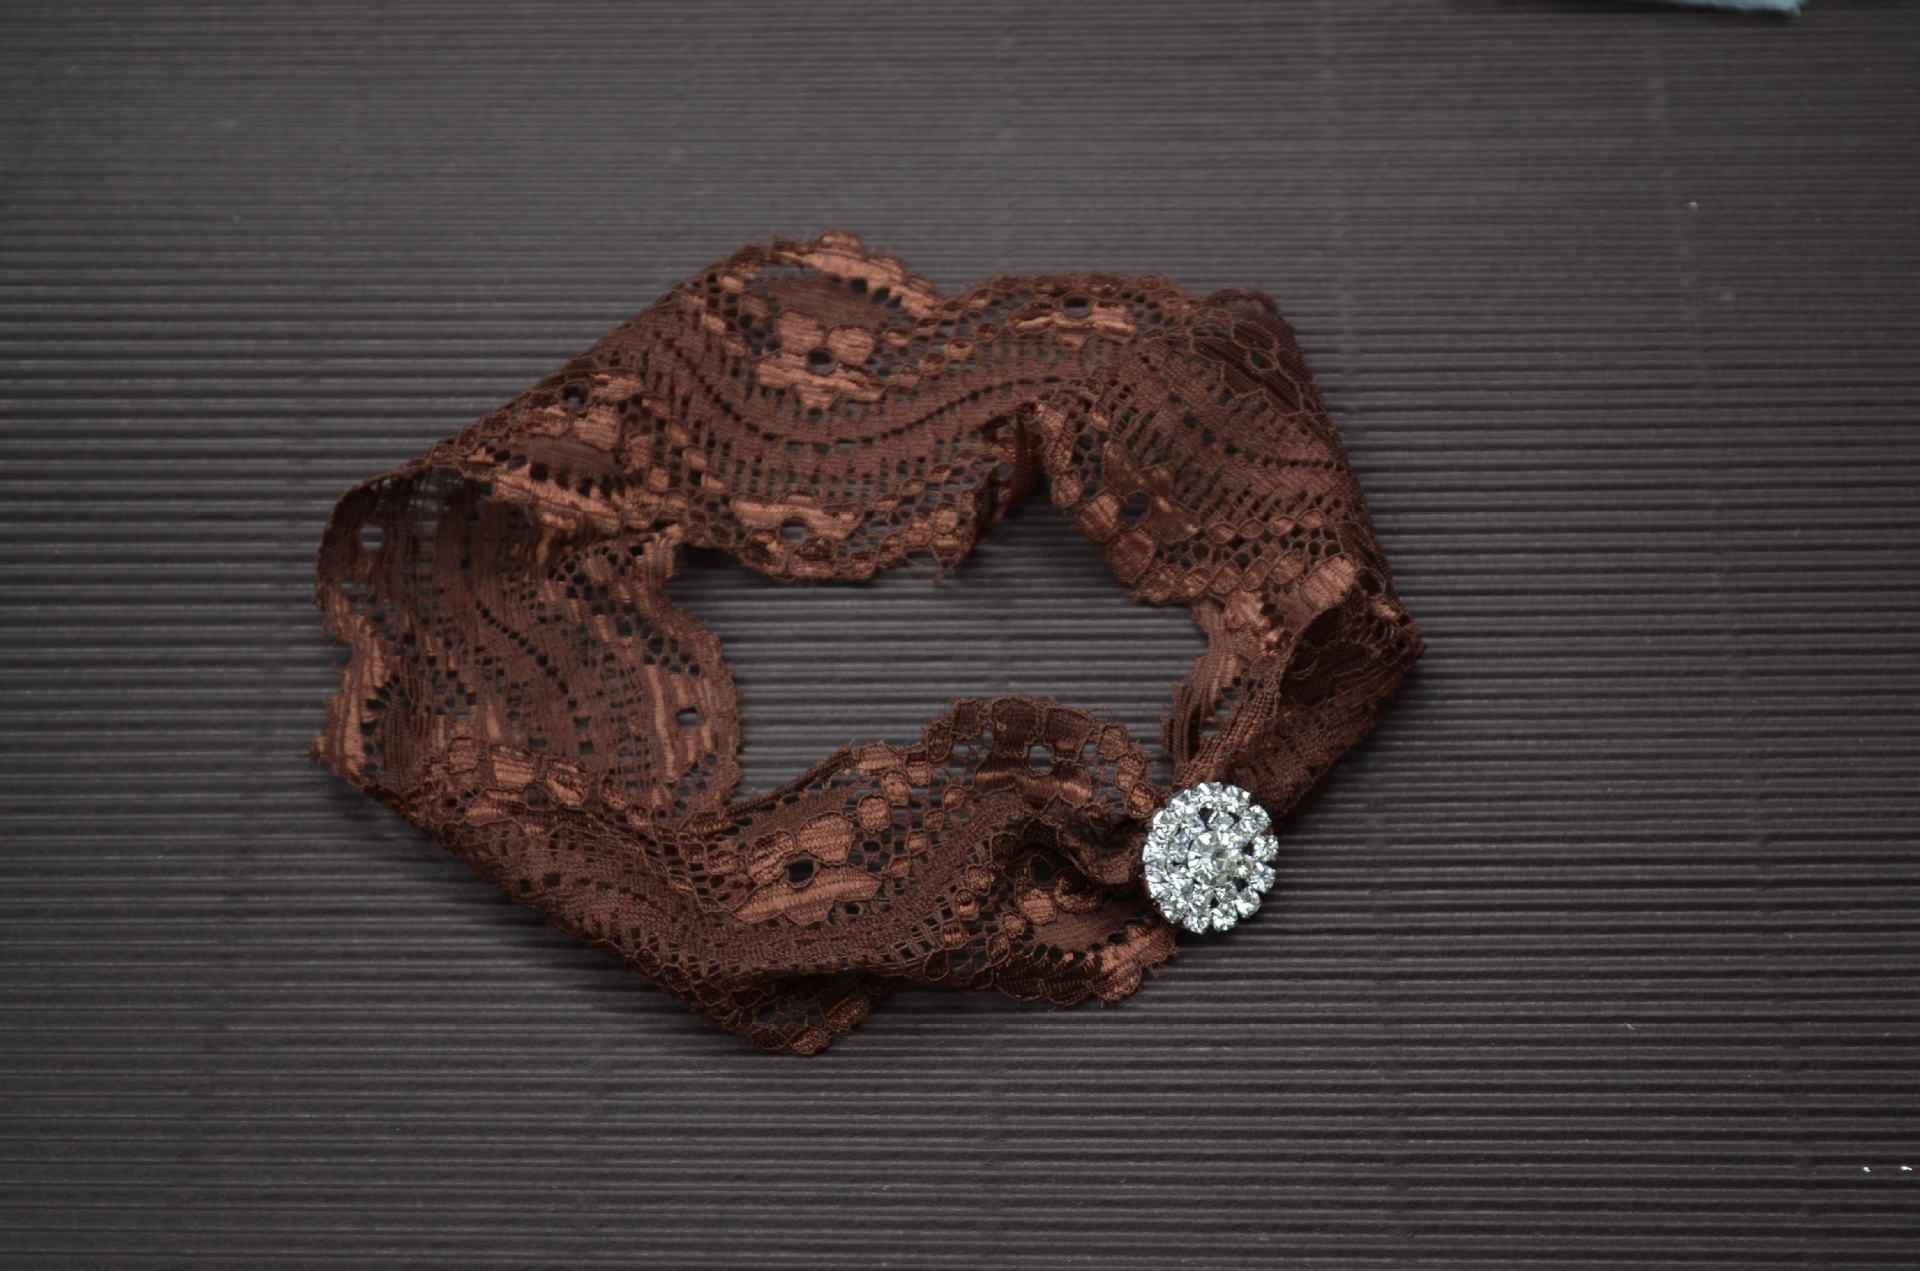 תינוקת אביזרי שיער להקת יהלומים יילוד כובעי כיסוי ראש גומייה לשיער מתנה פעוטות בגדים